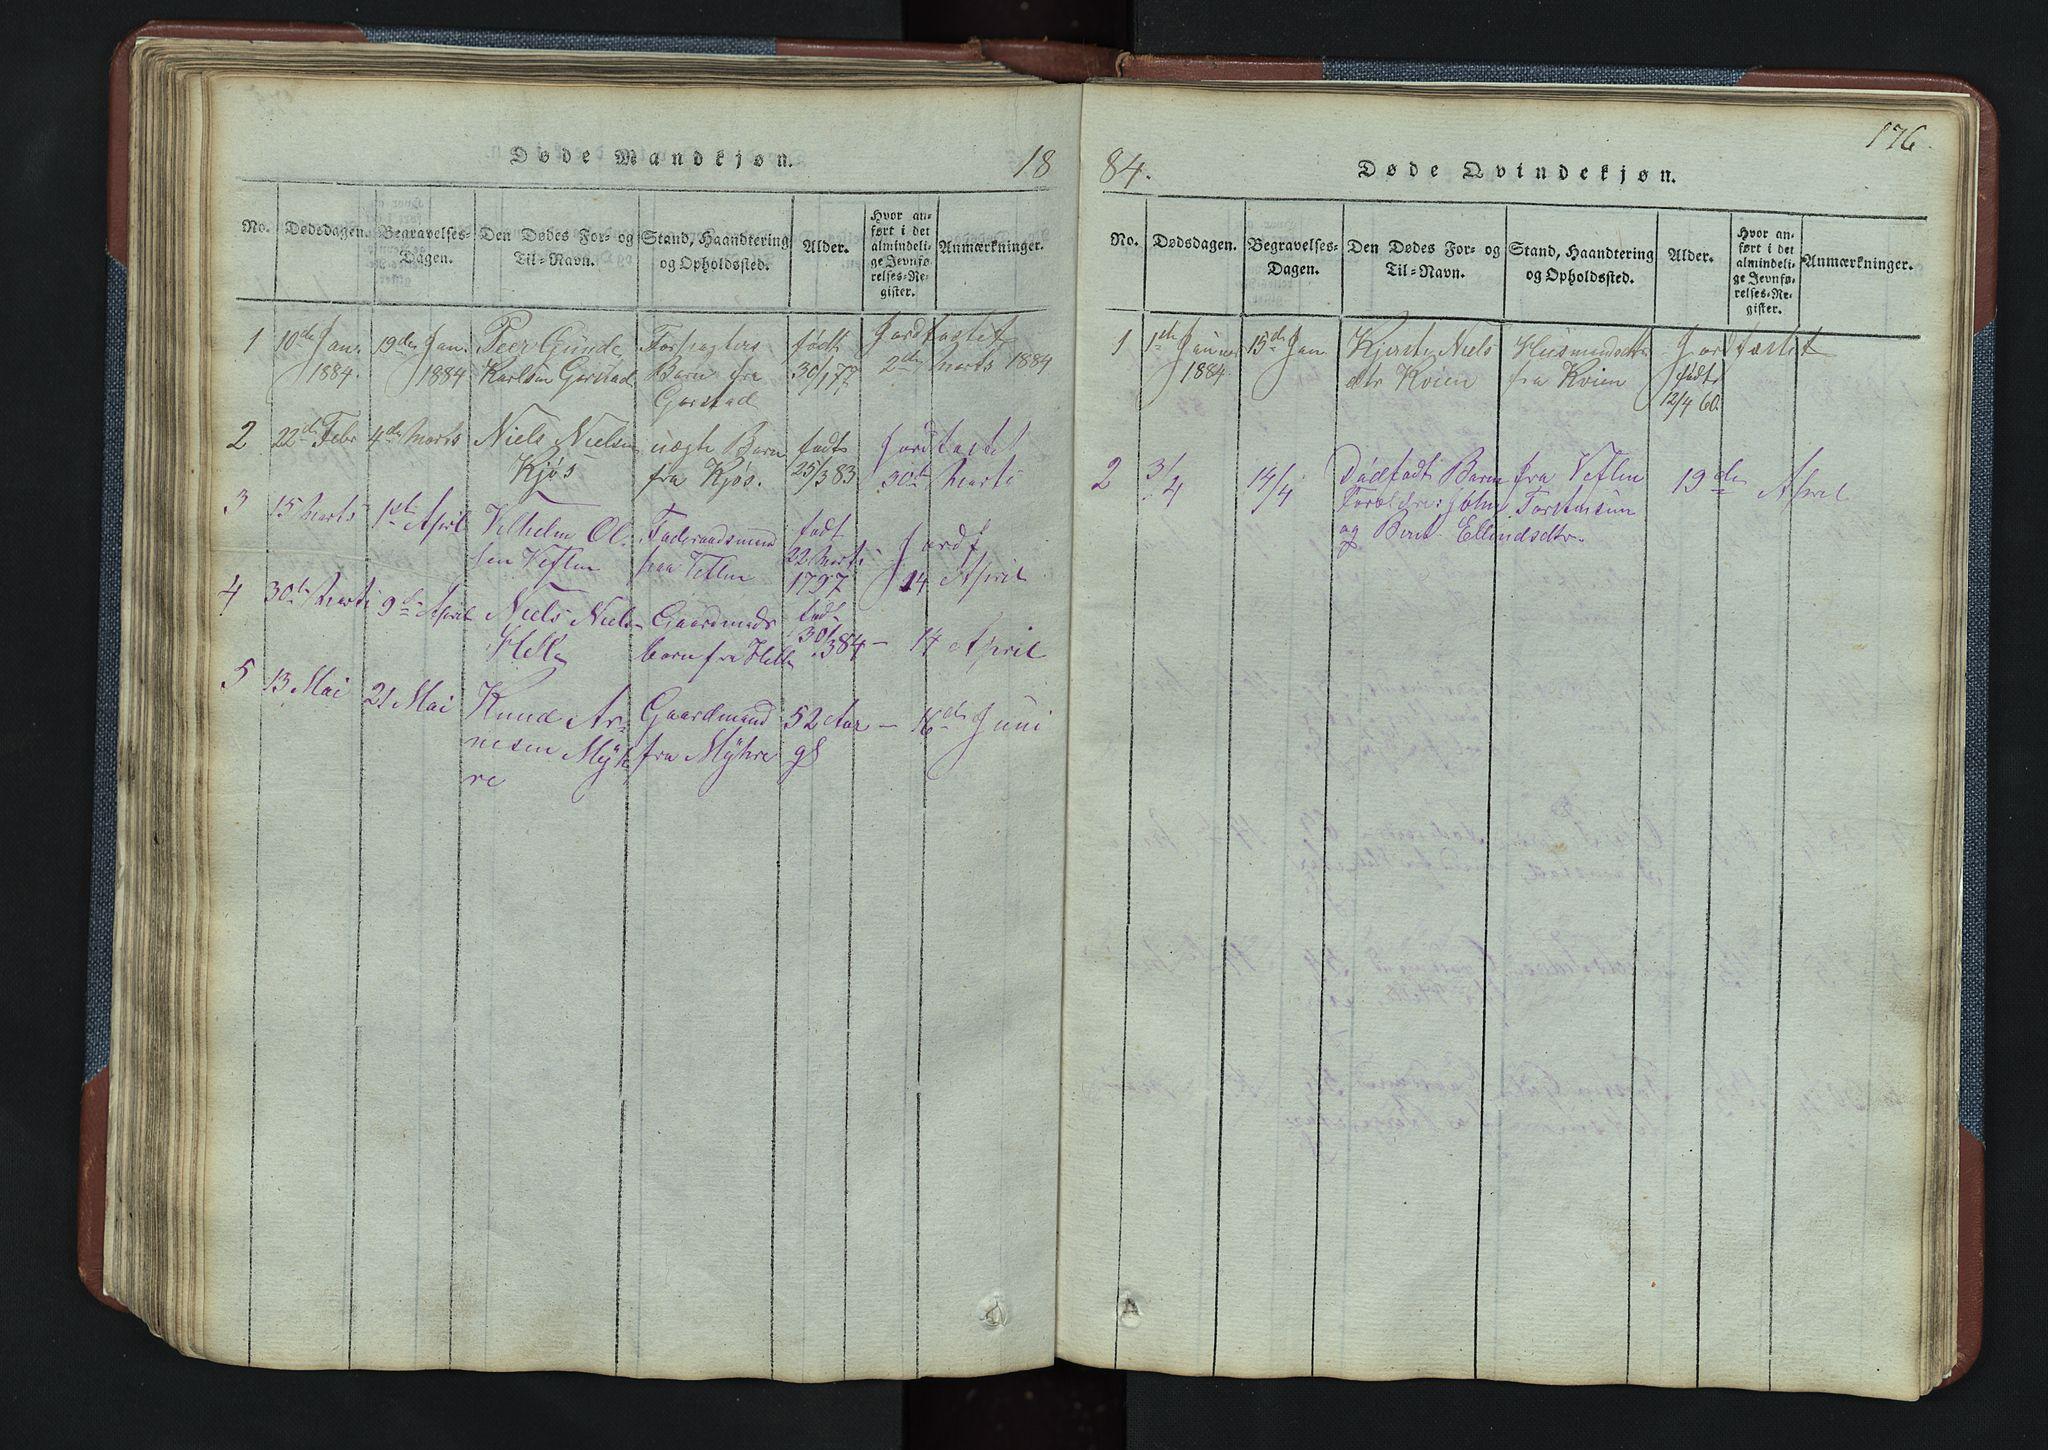 SAH, Vang prestekontor, Valdres, Klokkerbok nr. 3, 1814-1892, s. 176